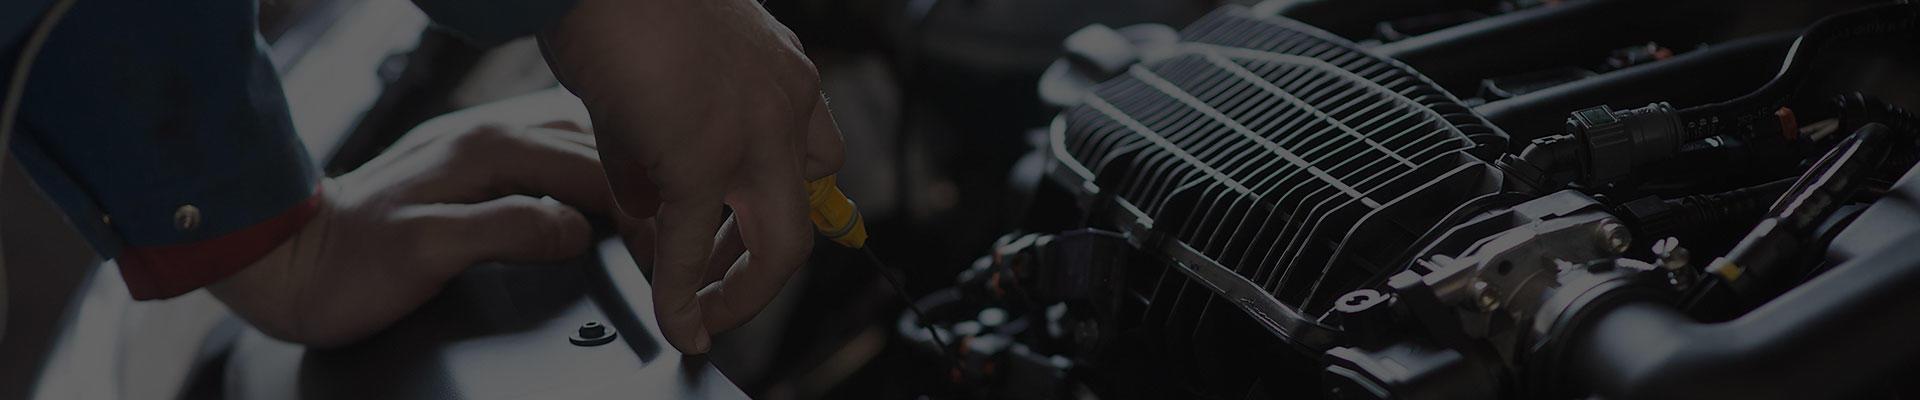 Schwartz Auto Parts image 1